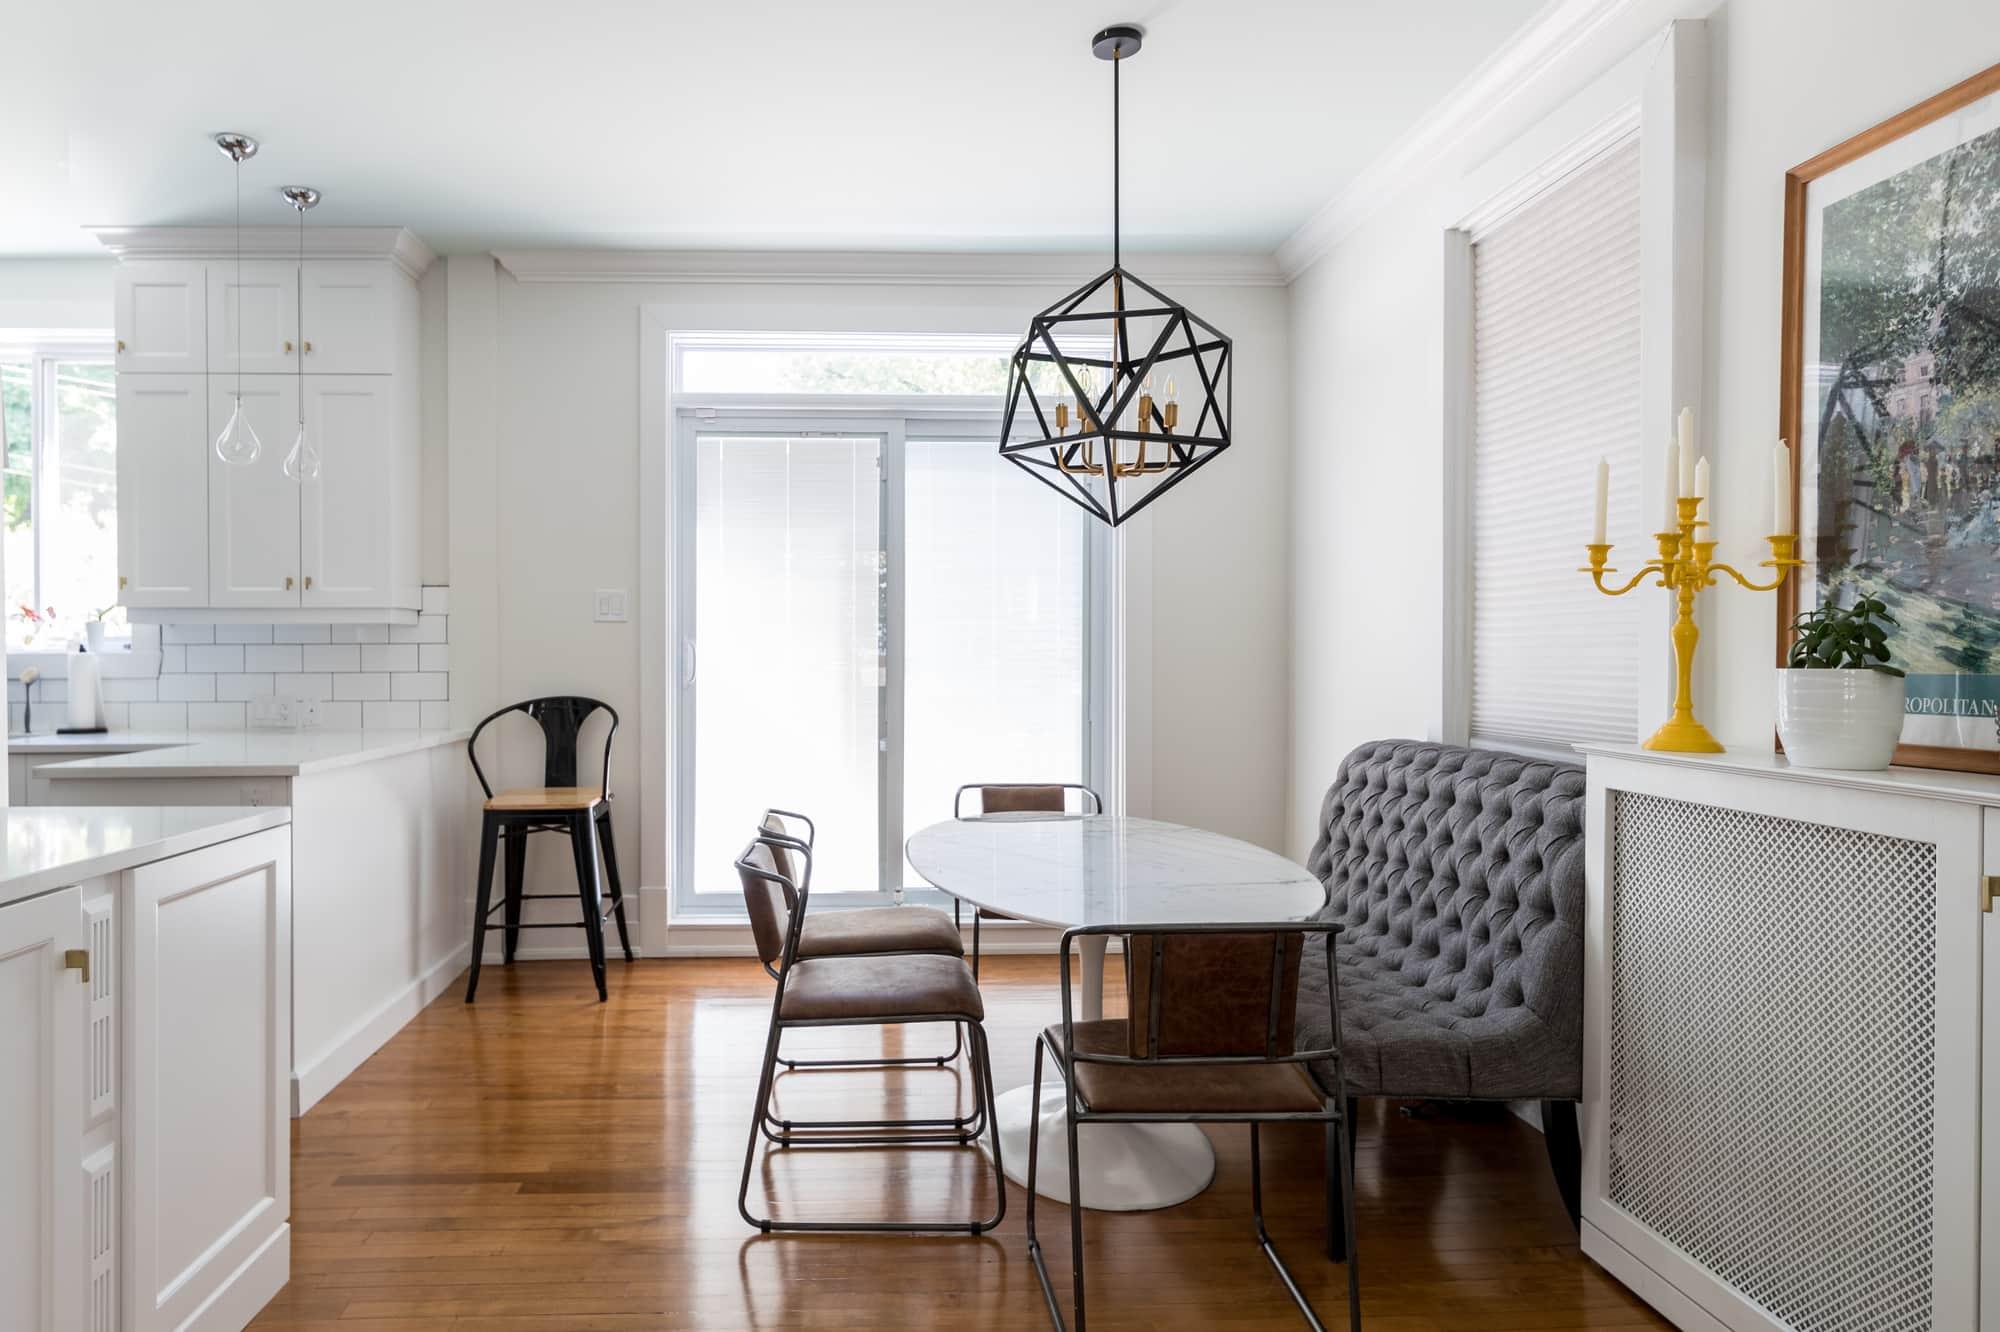 Salle à manger avec meubles sur mesure adjacente à une cuisine blanche rénovée